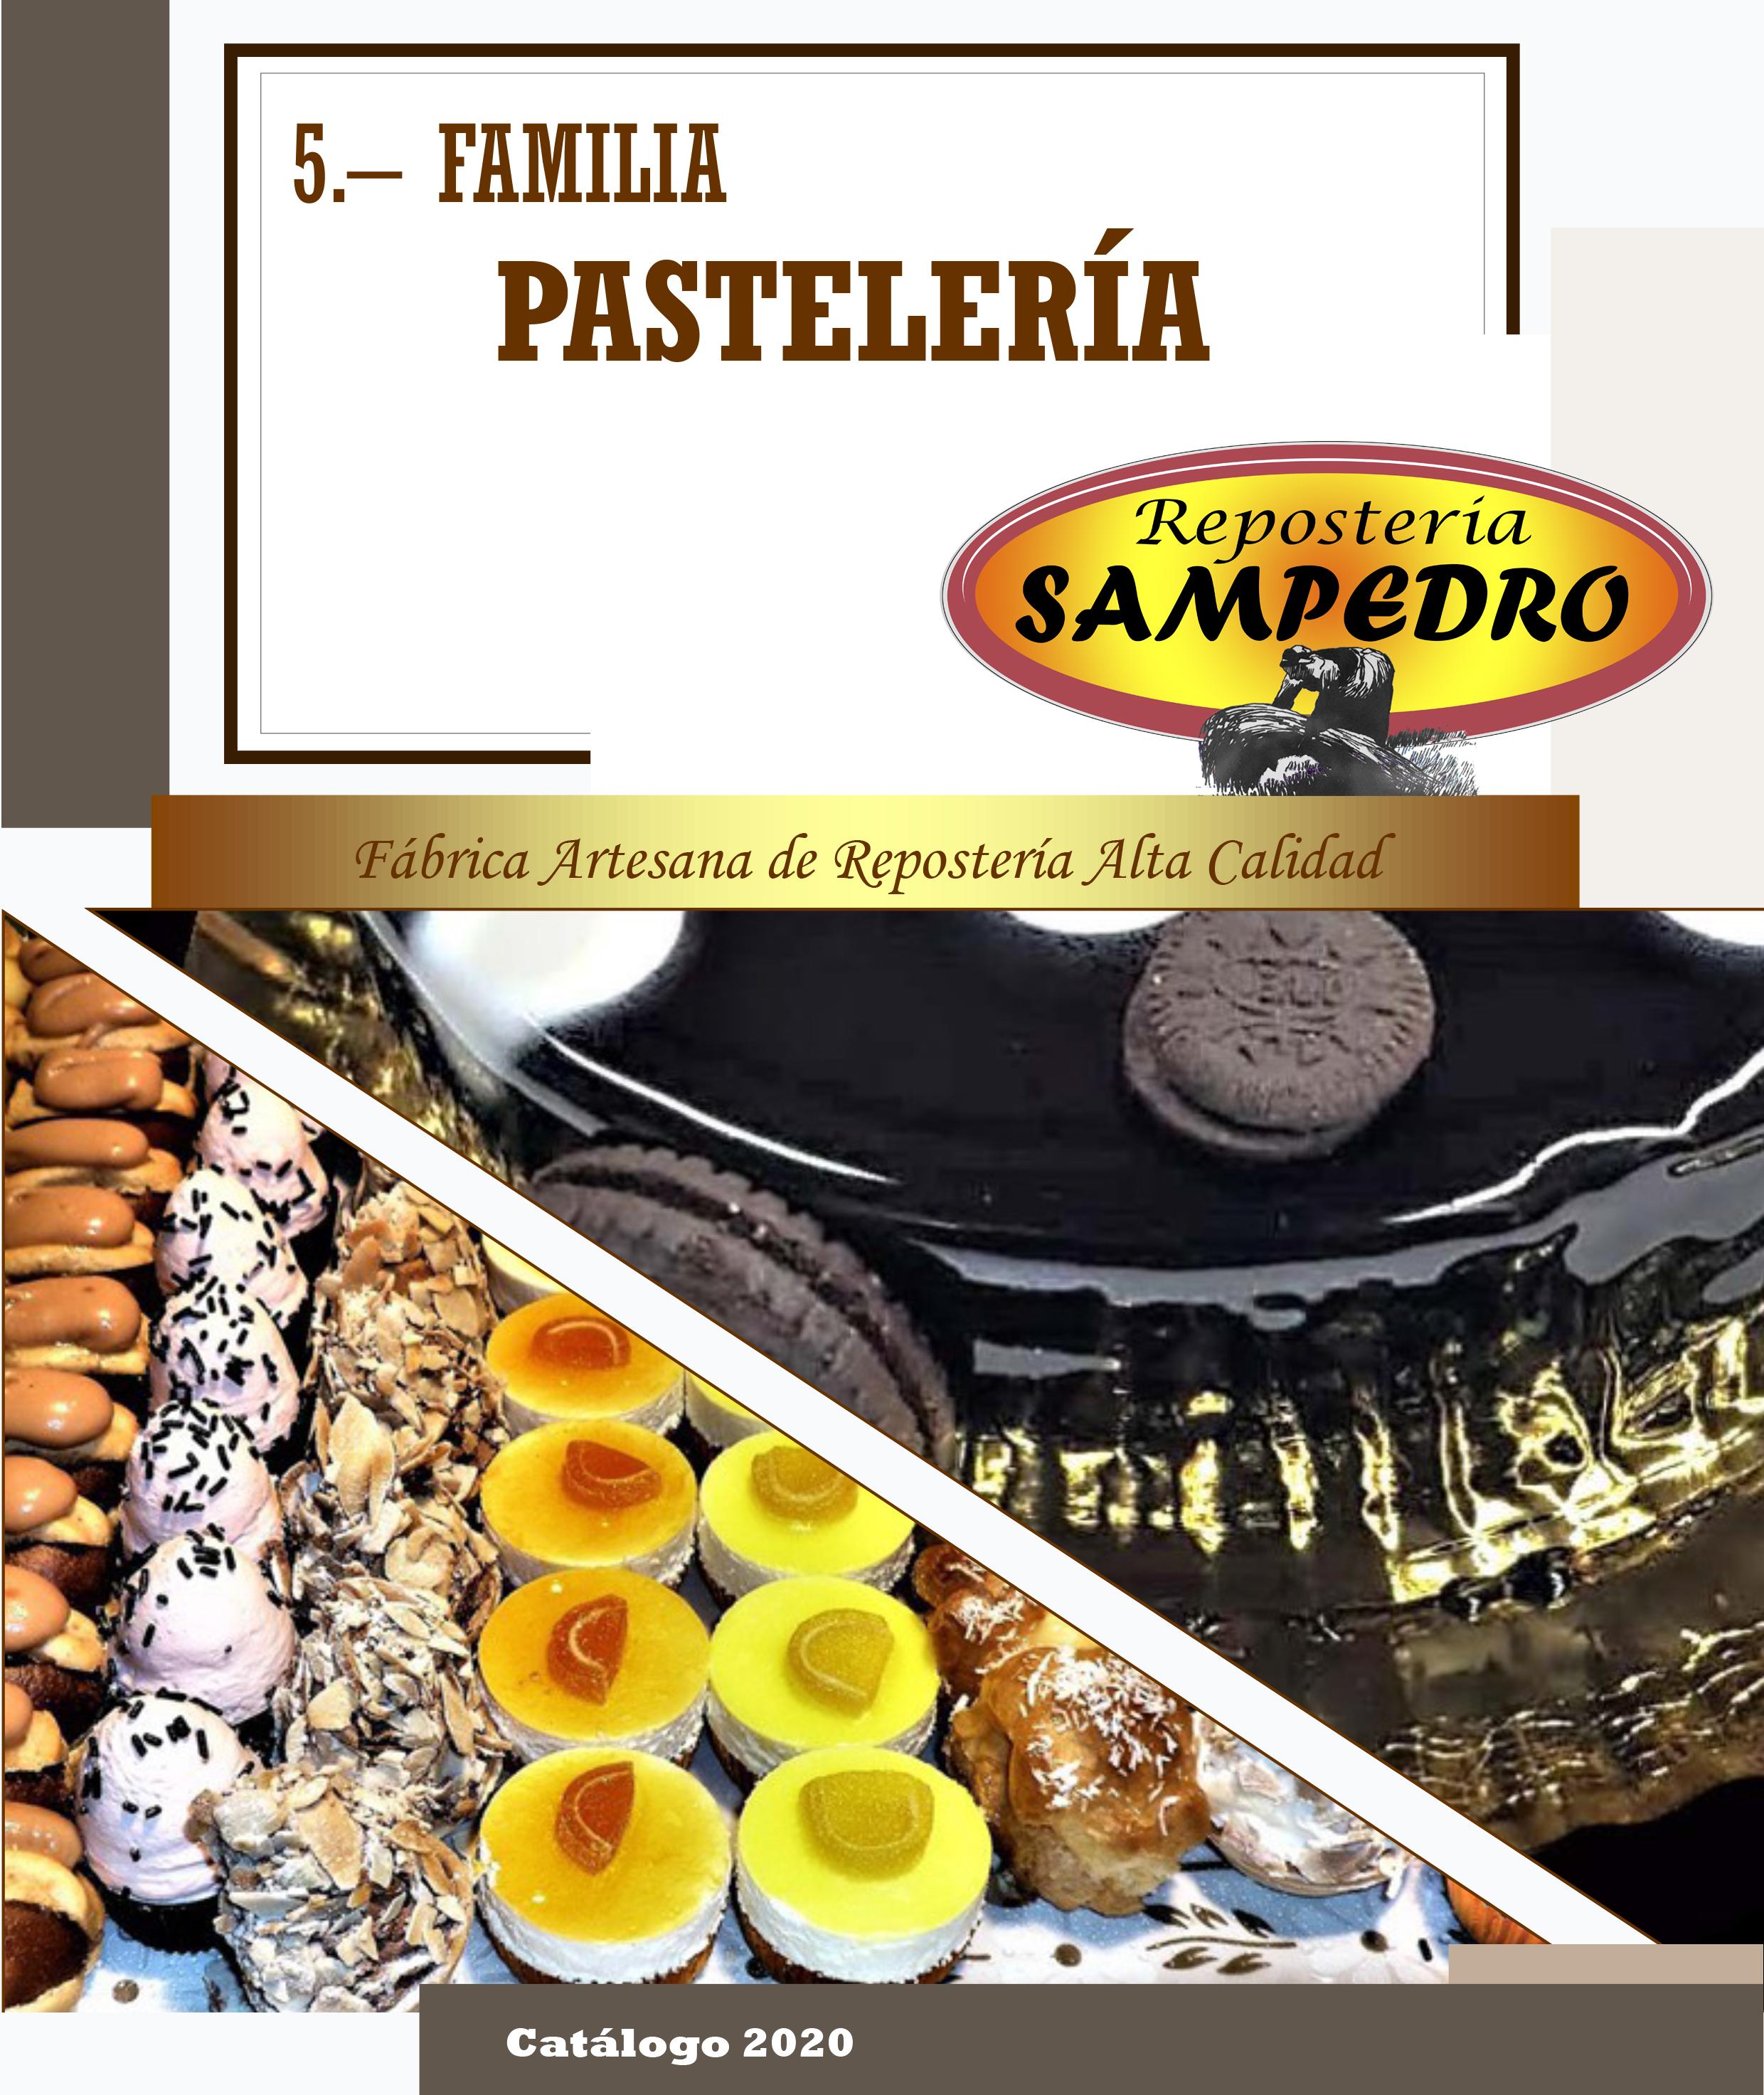 Pastelería Sampedro